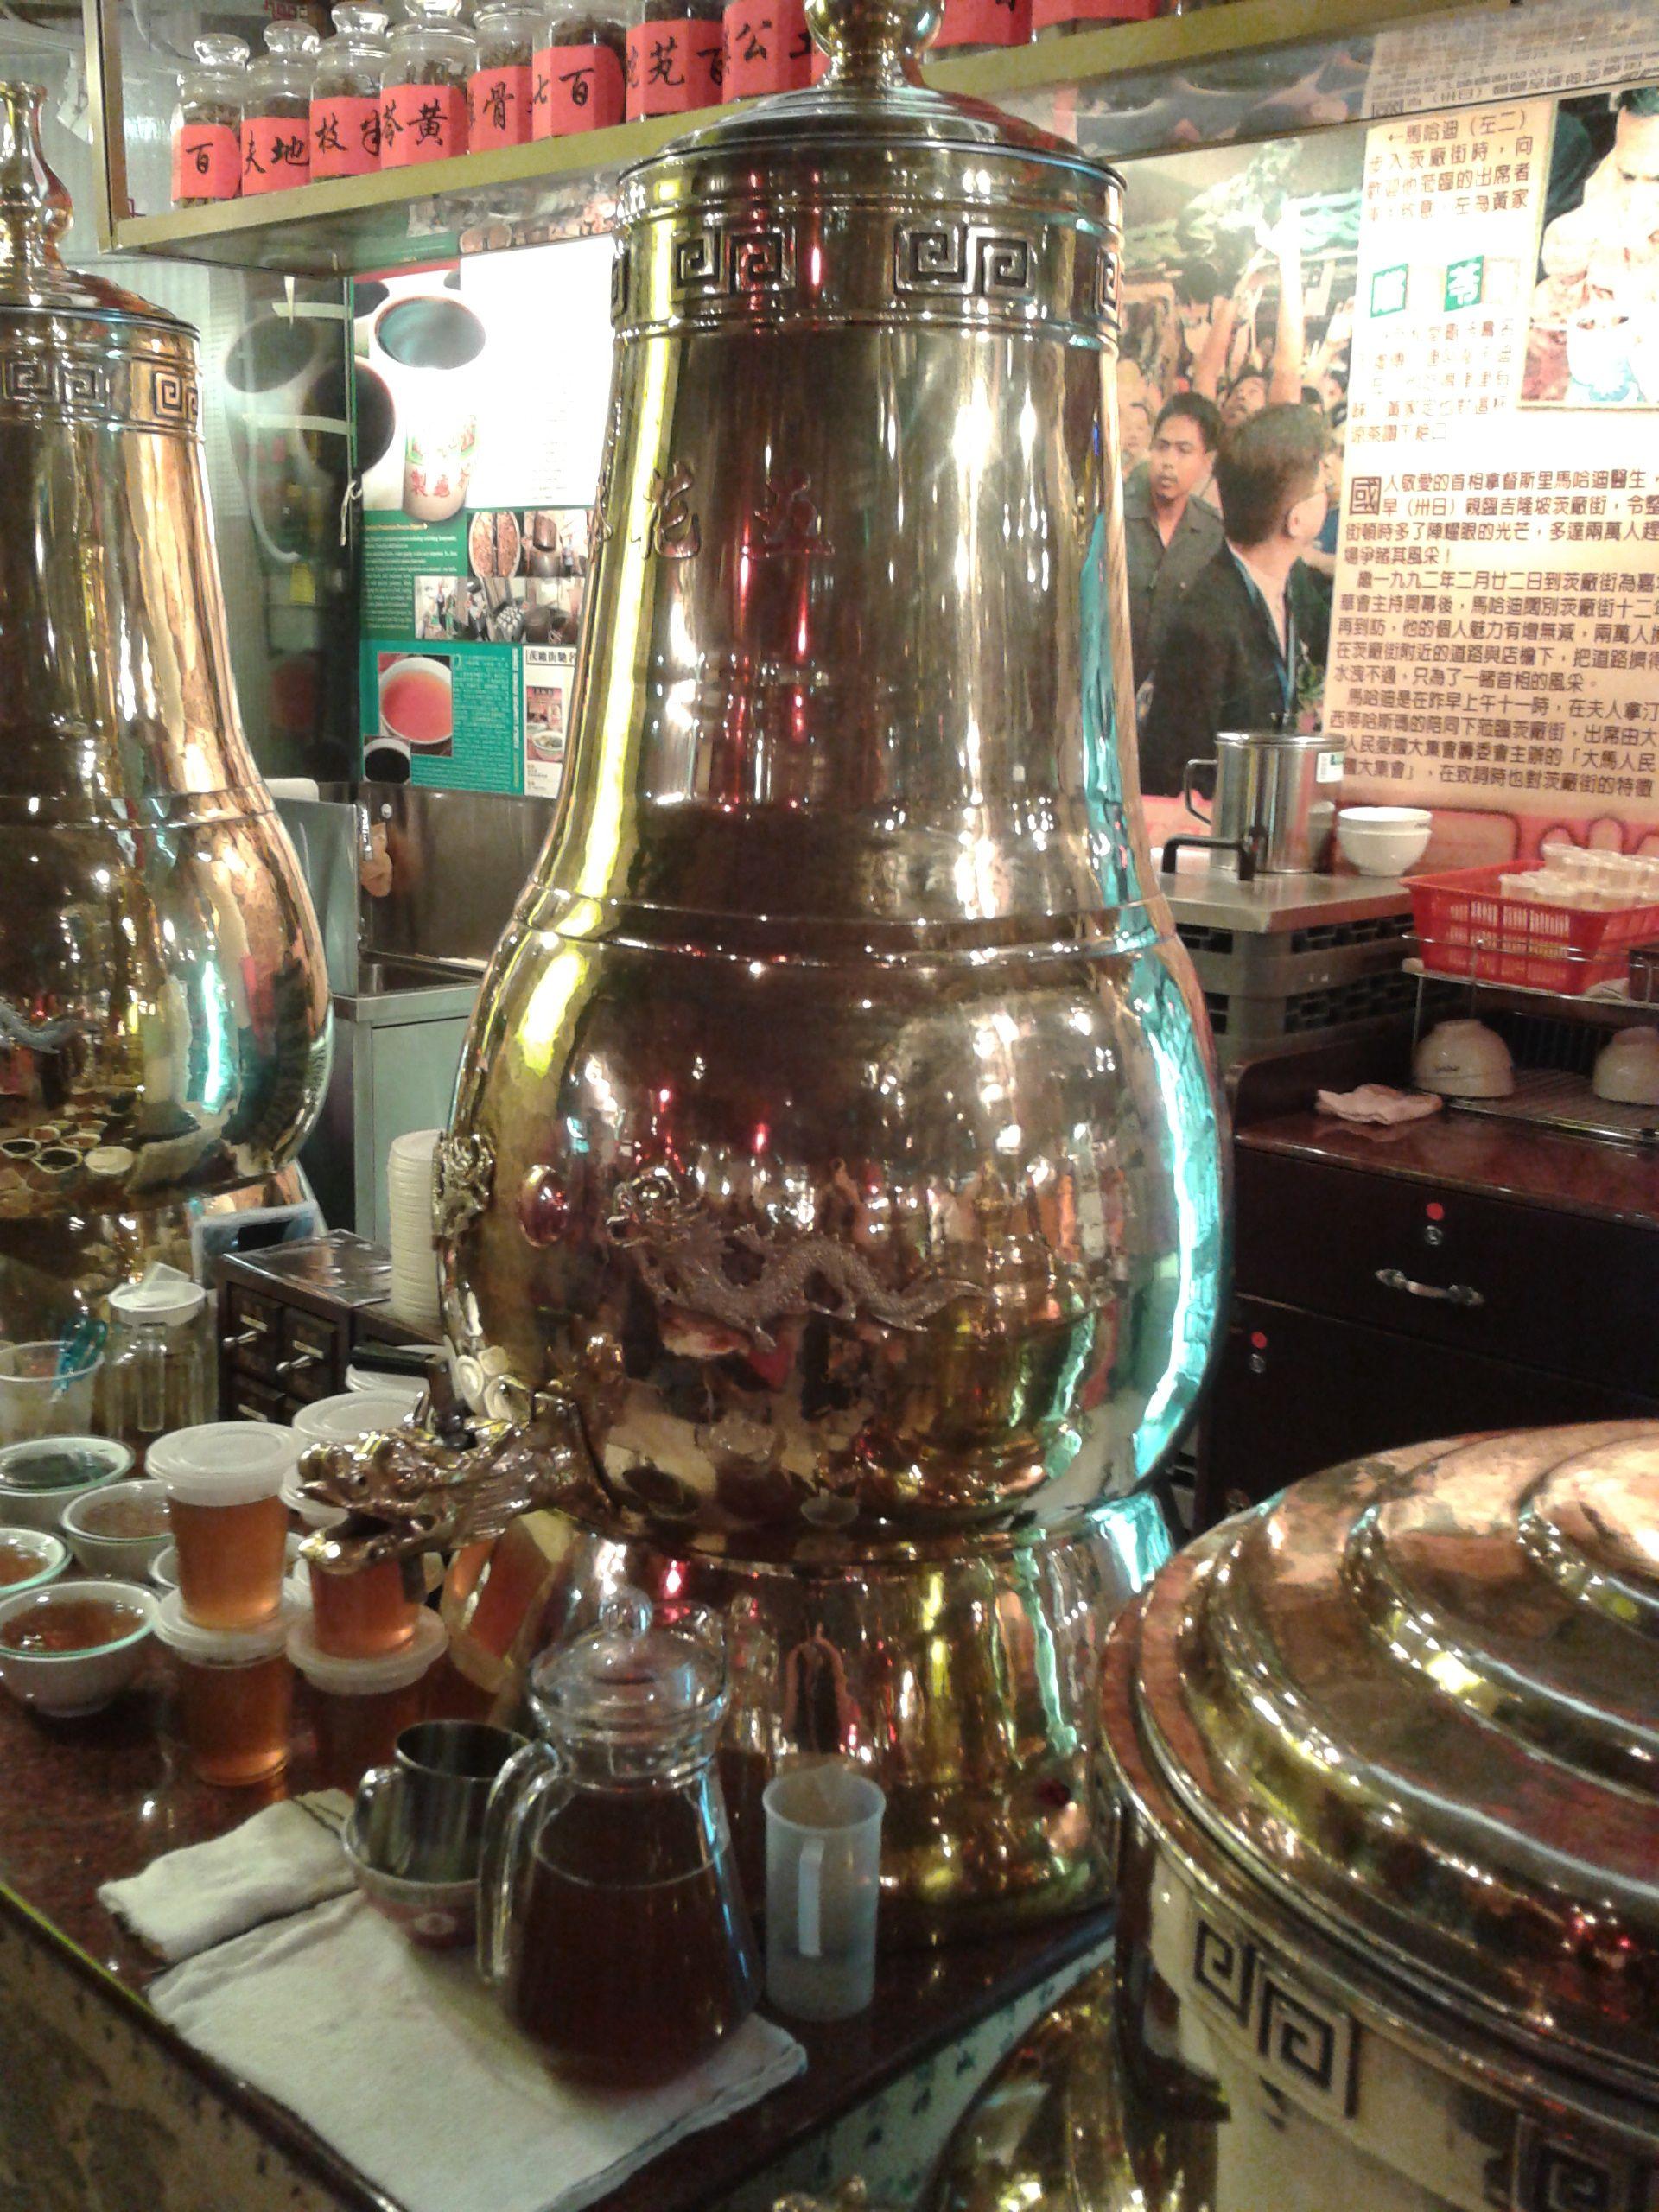 Wow, what a tea urn! Urn, Decor, Kitchen appliances